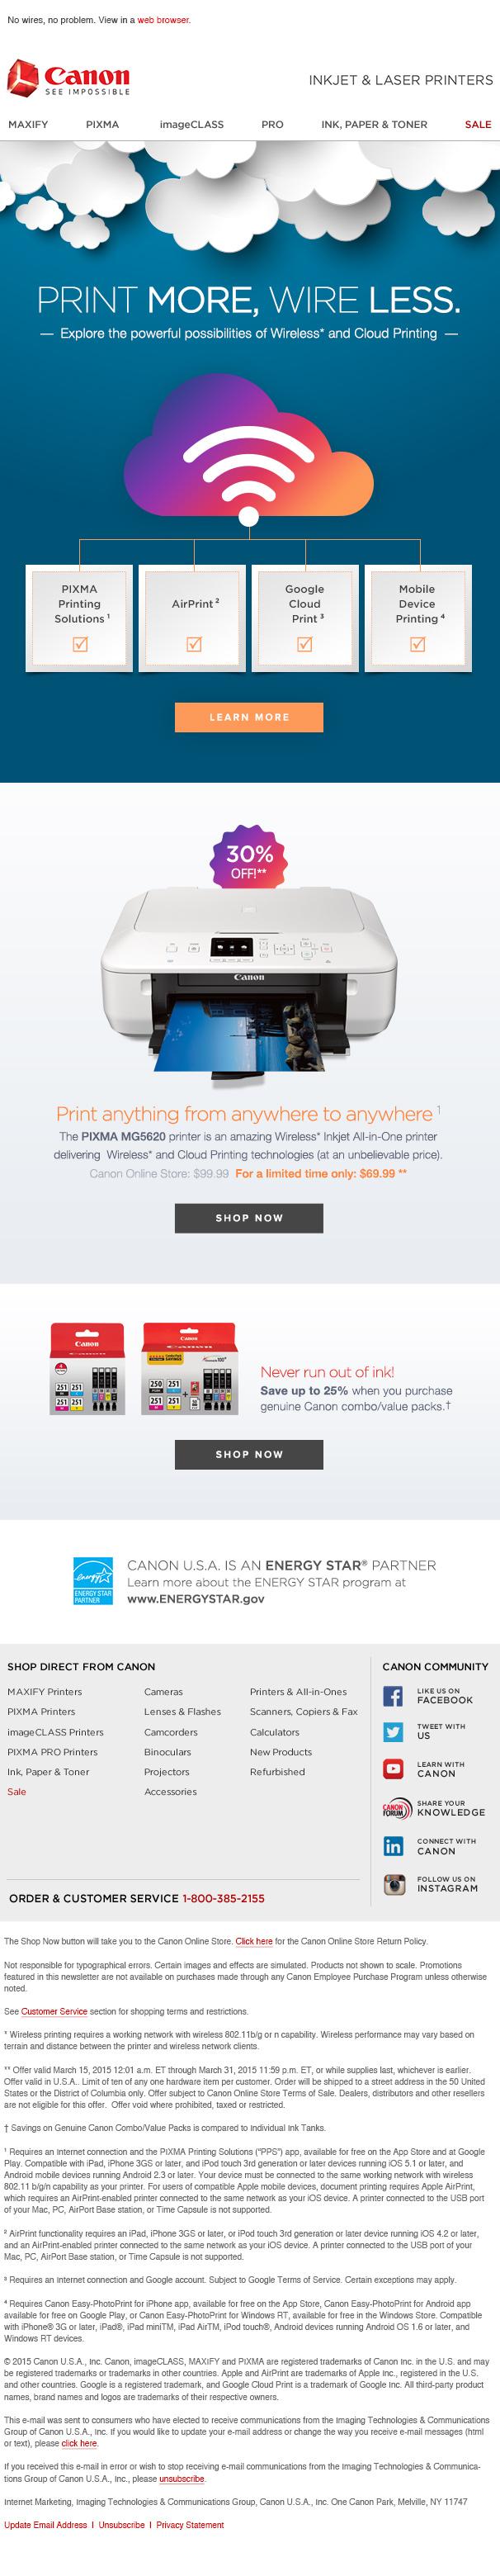 PIXMA-INFORMATIONAL_email_v7.jpg